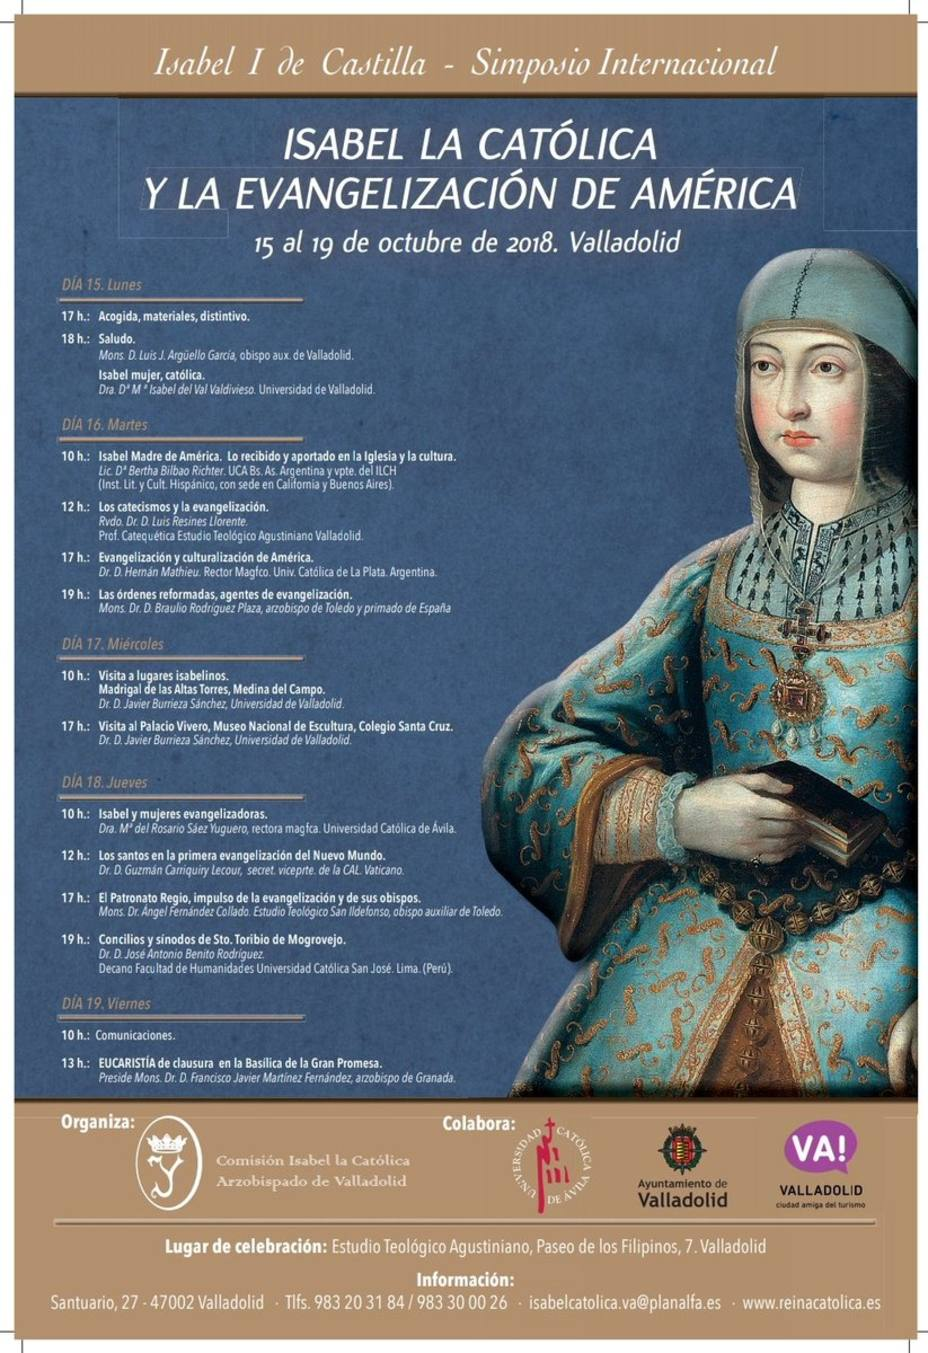 Comienza el simposio internacional Isabel la Católica y la Evangelización de América